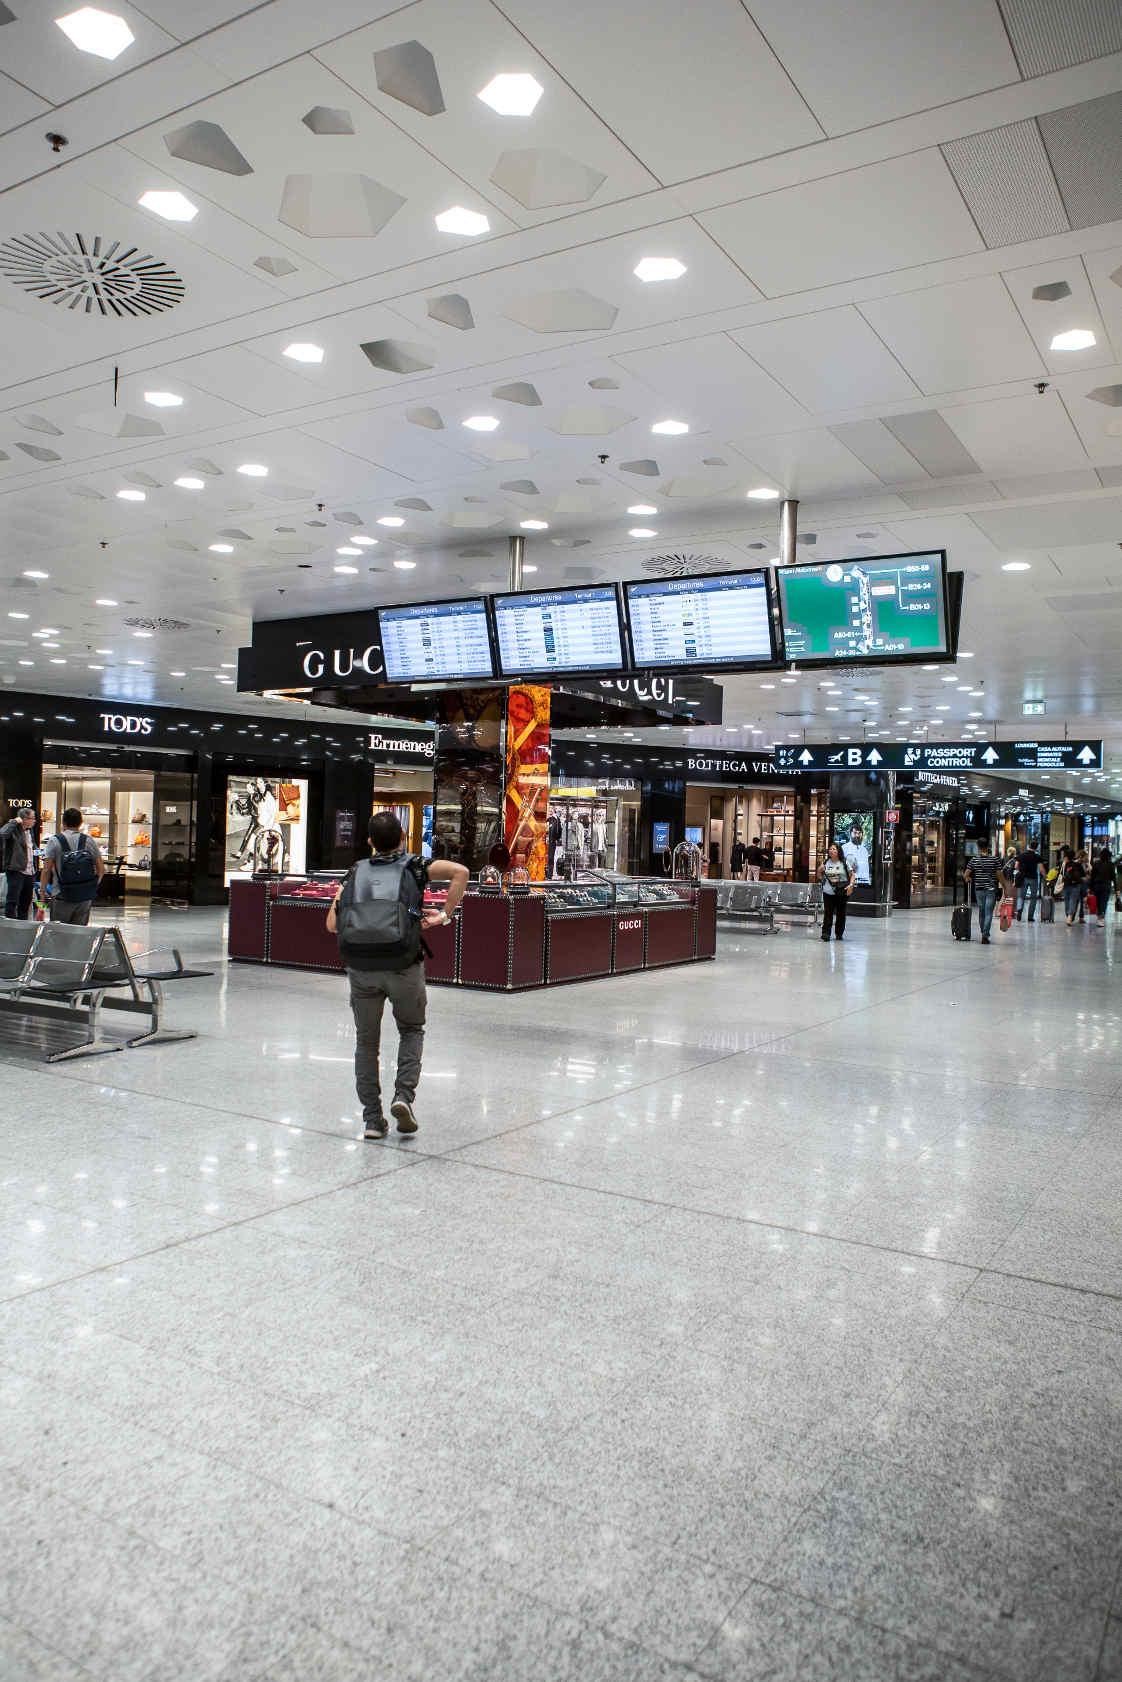 Aeroporti di Milano, sito ufficiale di Milano Malpensa e ...